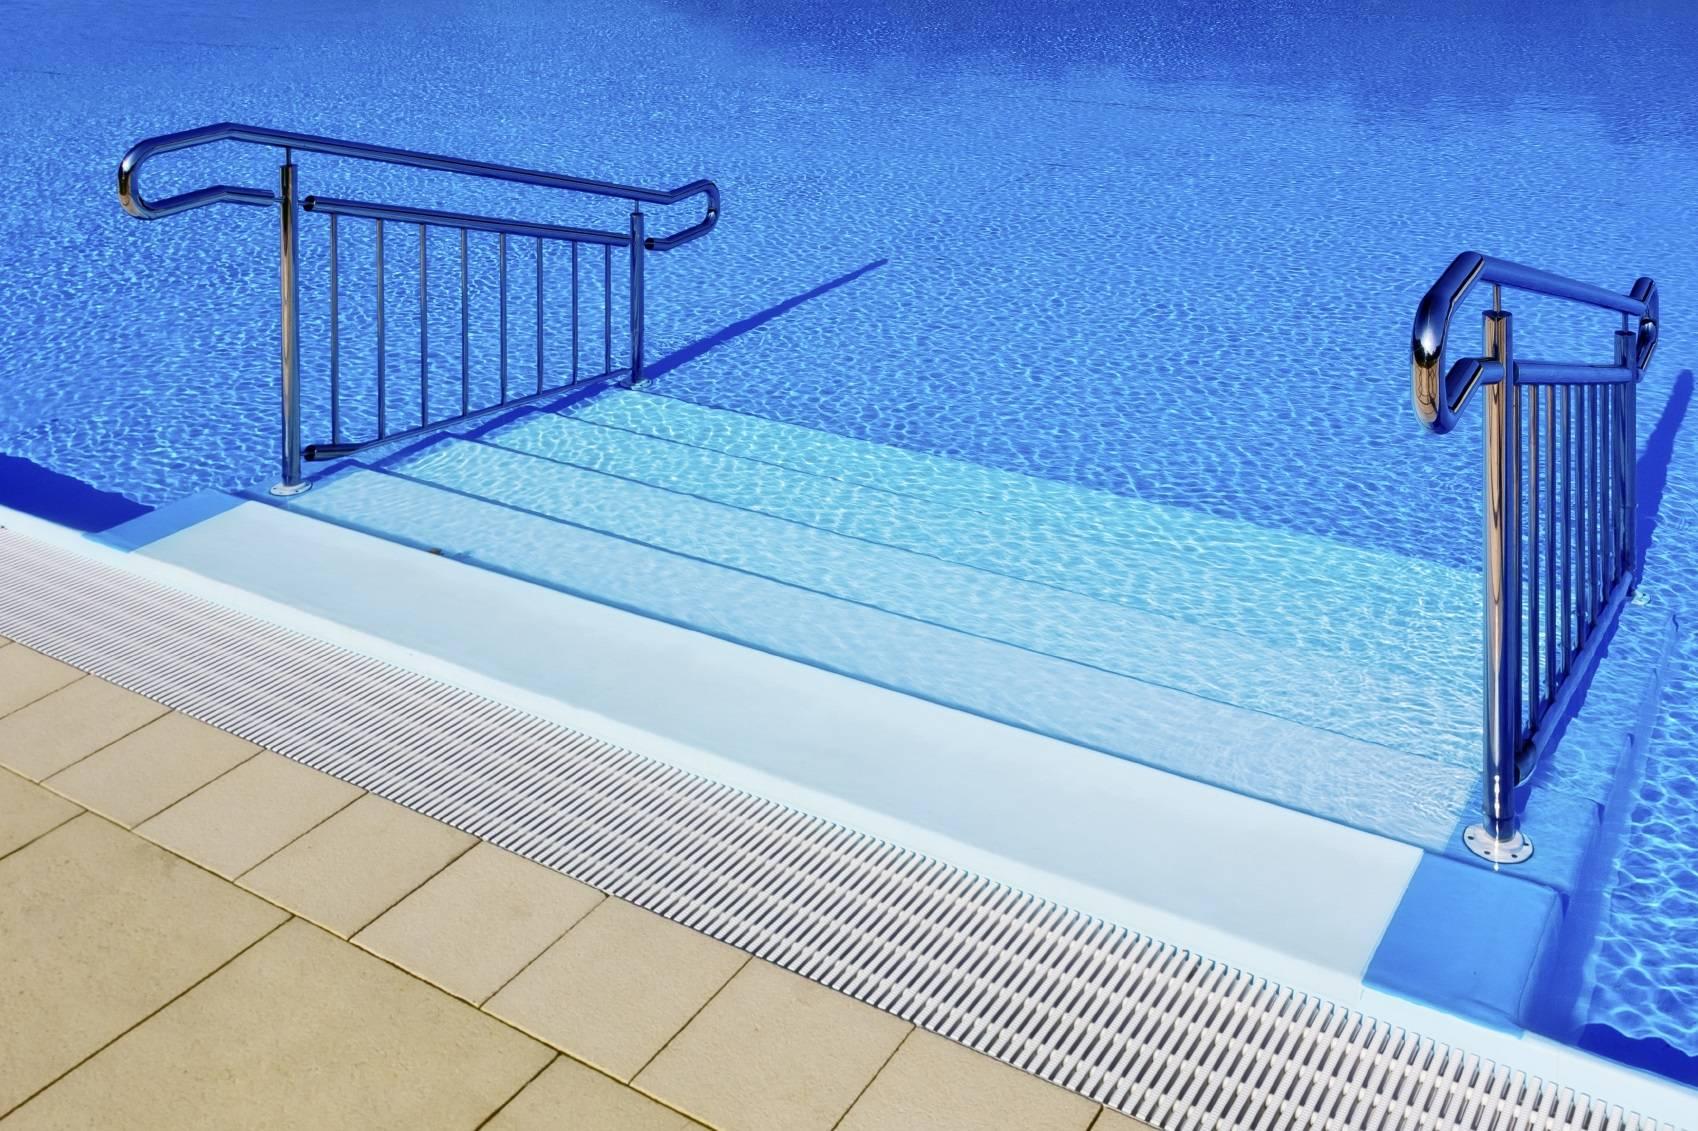 Choix d 39 un escalier pour piscine for Escalier pour piscine